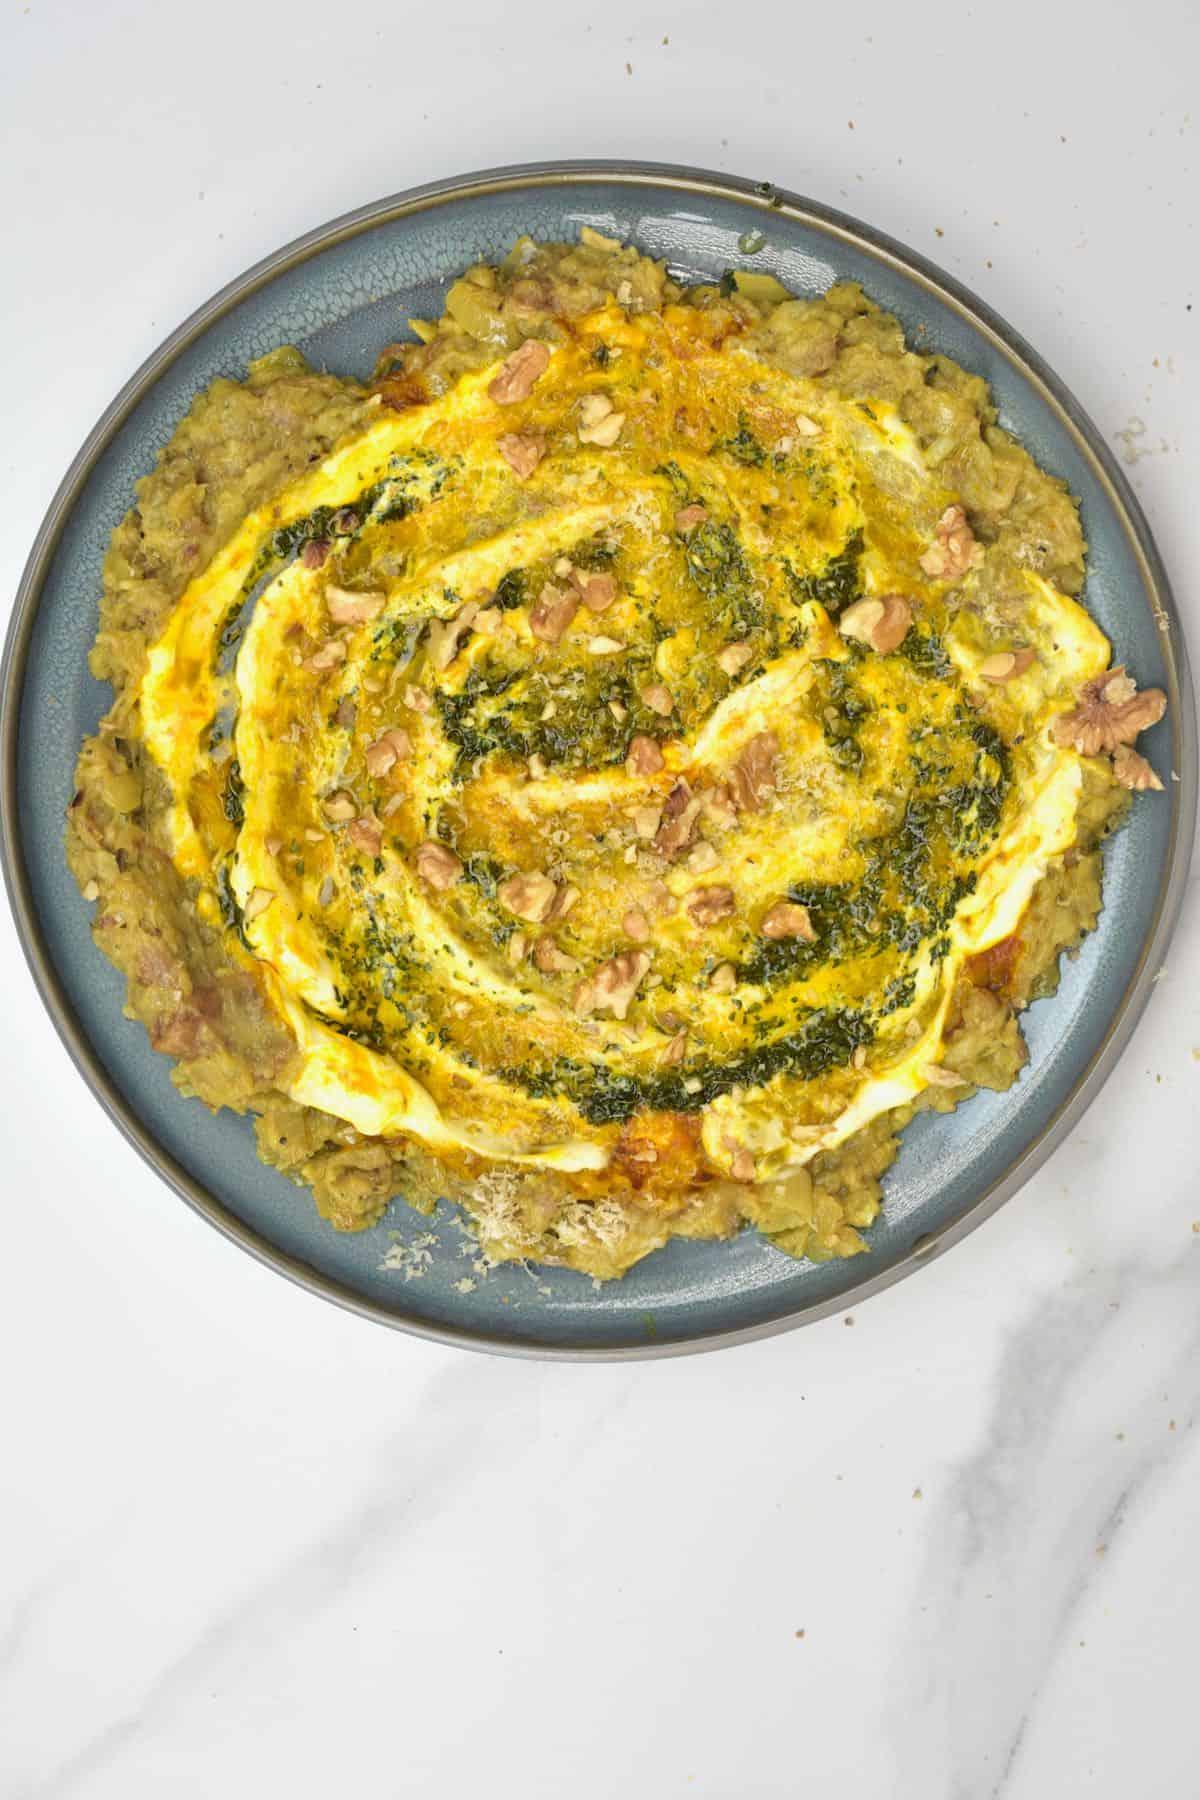 Kashke bademjan served in a plate